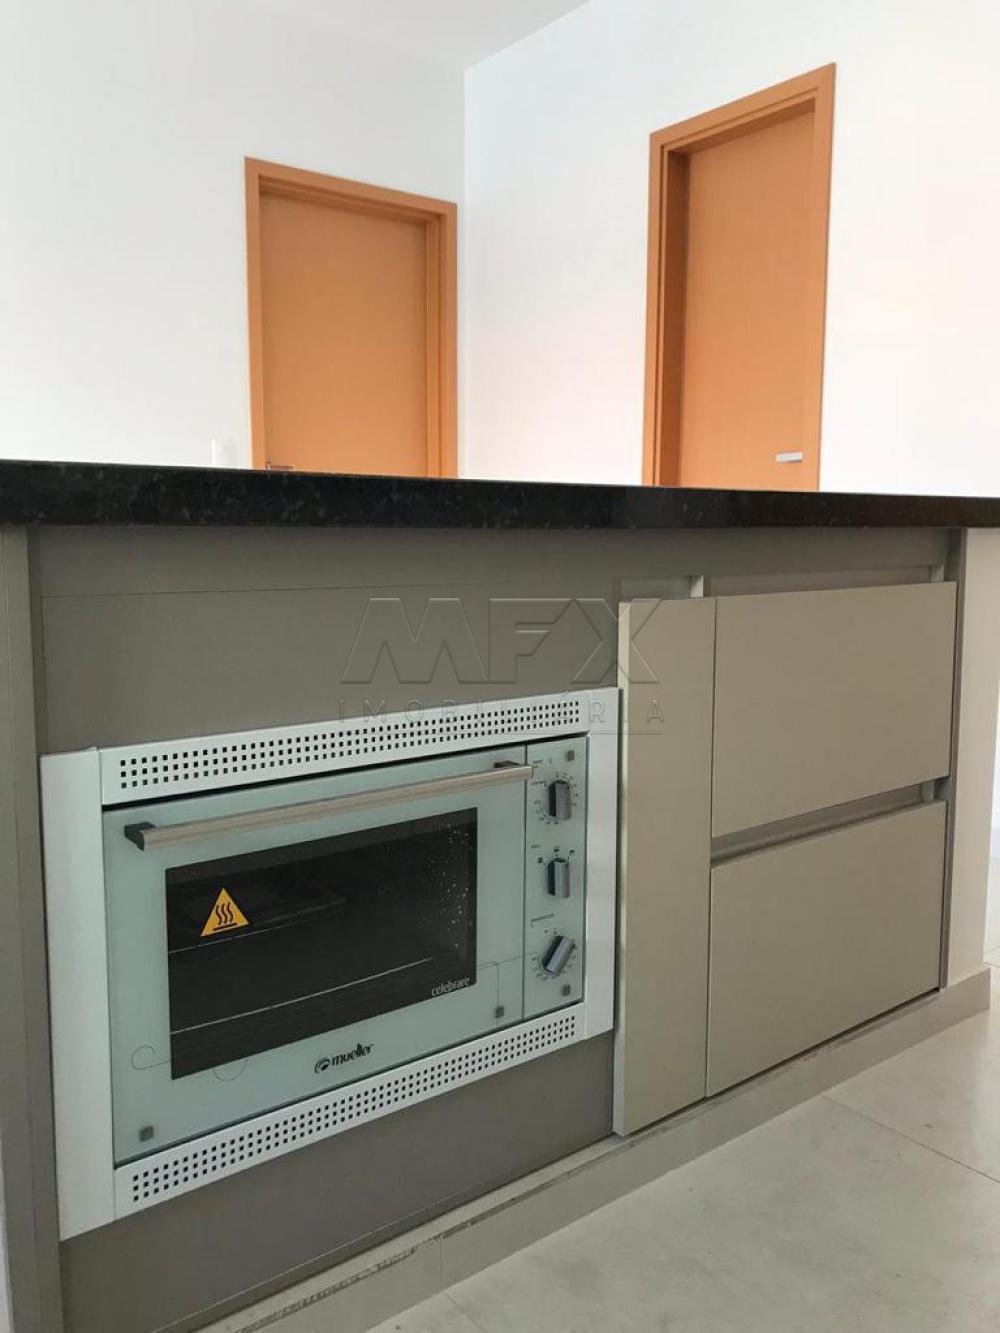 Comprar Apartamento / Padrão em Bauru R$ 290.000,00 - Foto 2